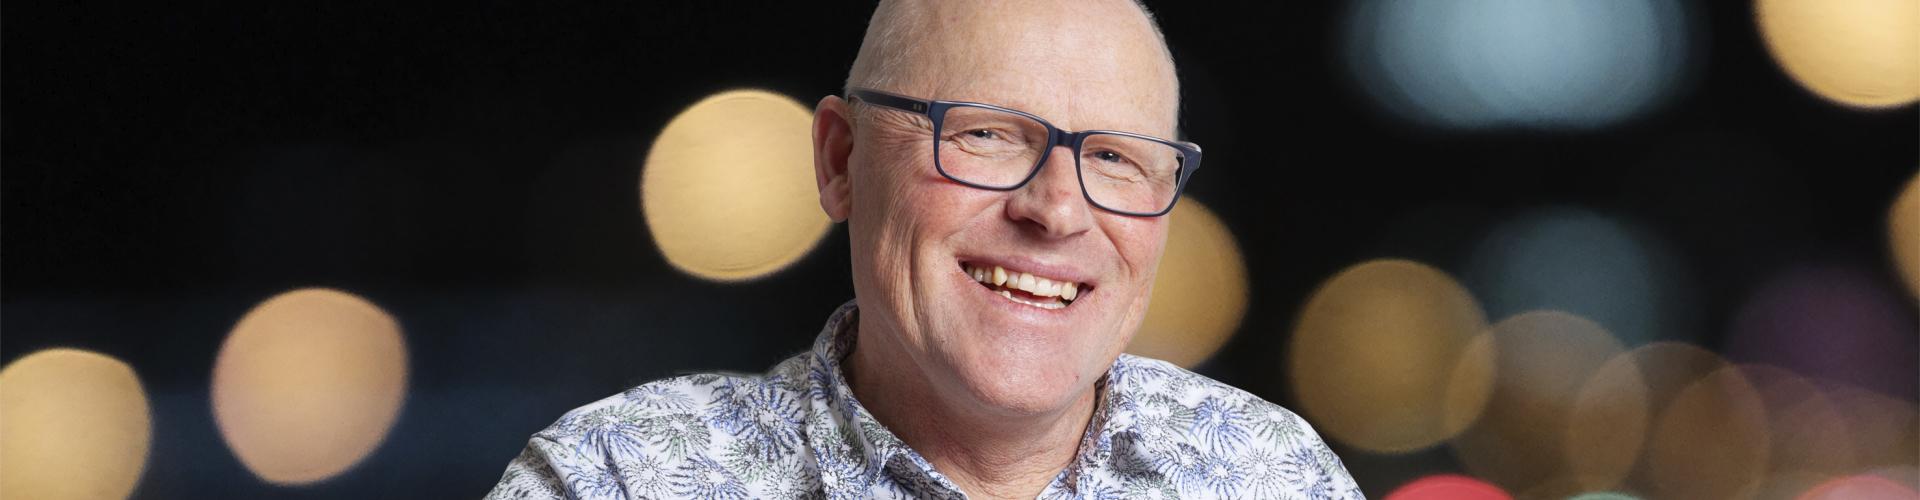 Jan Hooikammer - Vermoogen - Mijn leven ging over de kop toen ik de kracht van talenten ontdekte